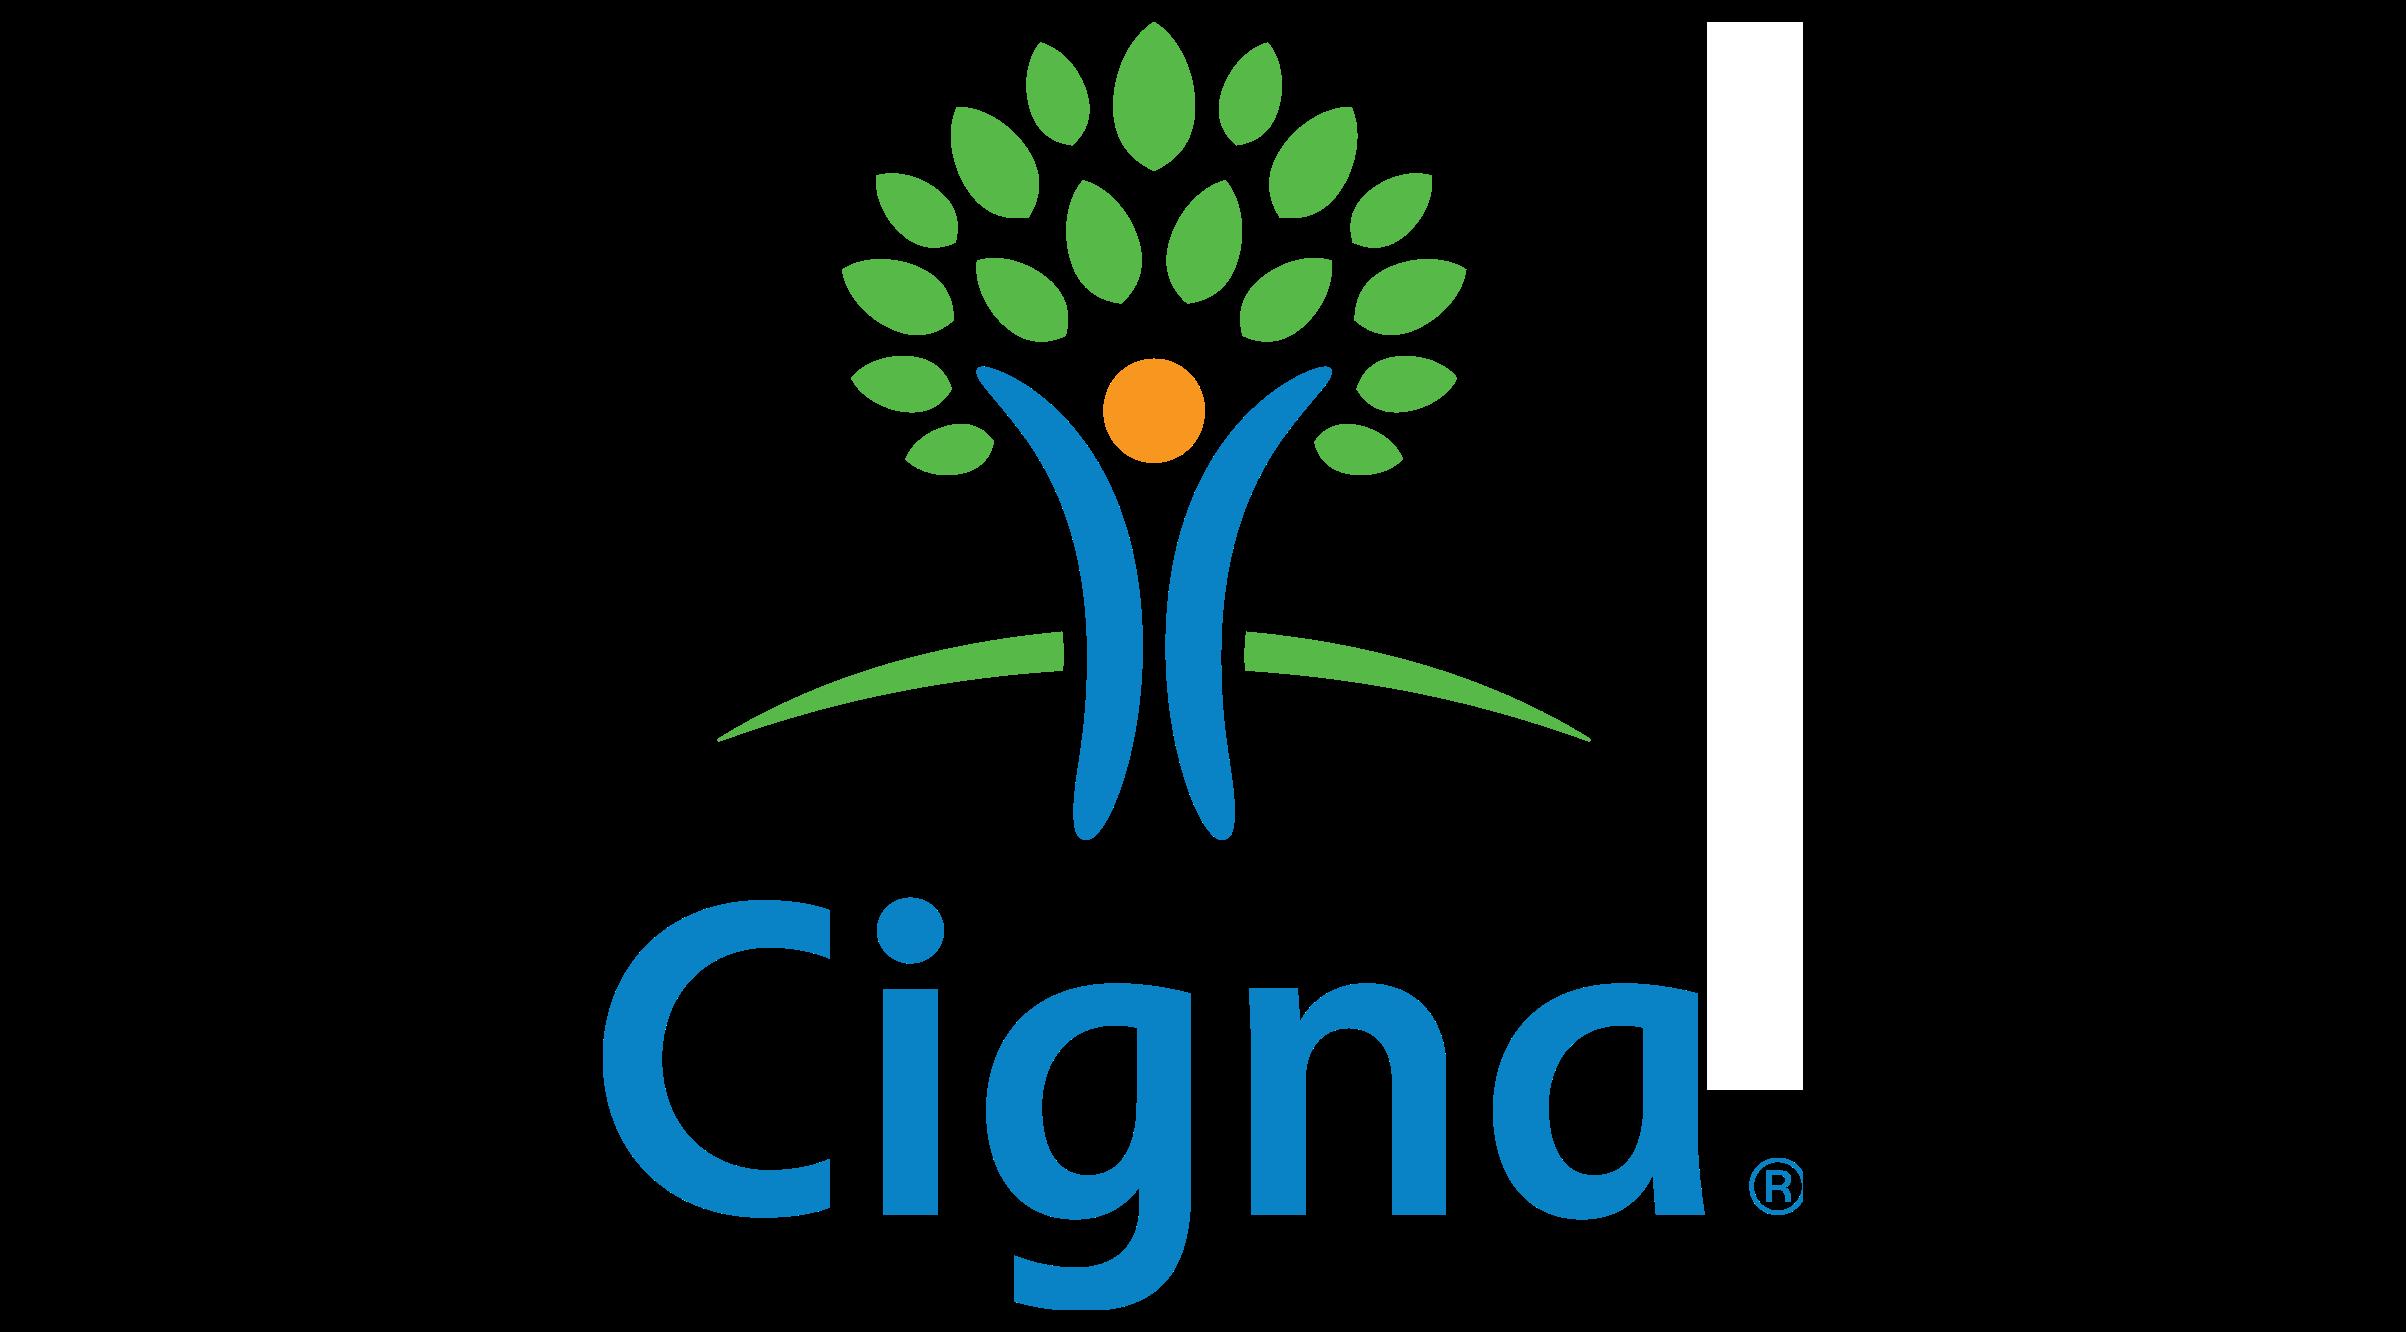 Cigna 2020 Well Being Award winner